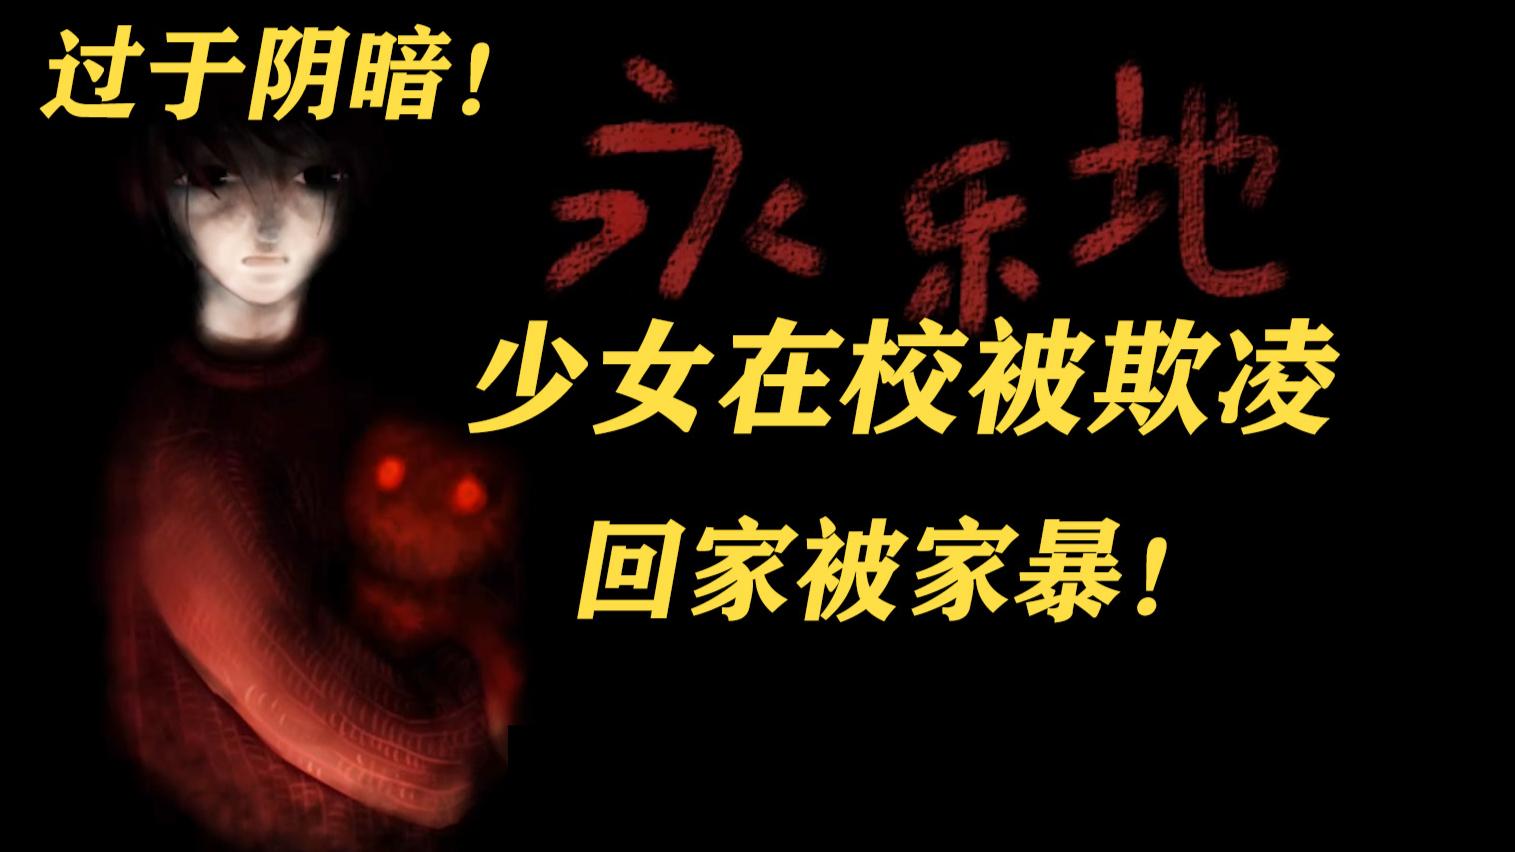 深夜勿看!限制级15禁恐怖RPG!《永乐地》上